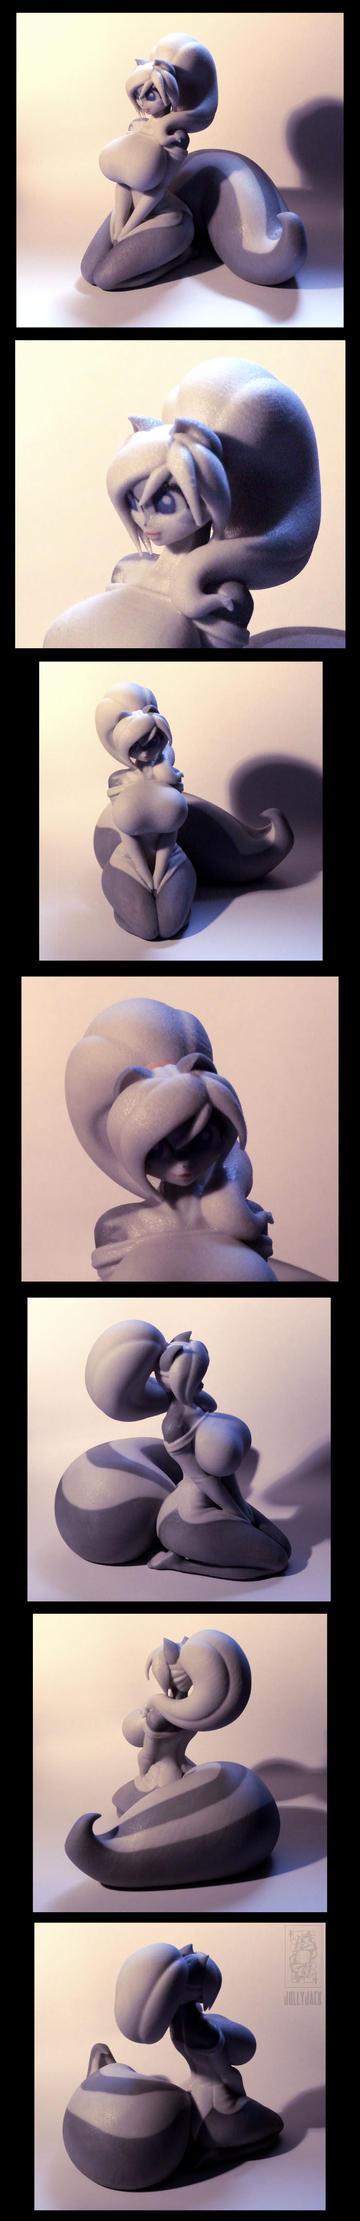 Chloe Figure by jollyjack